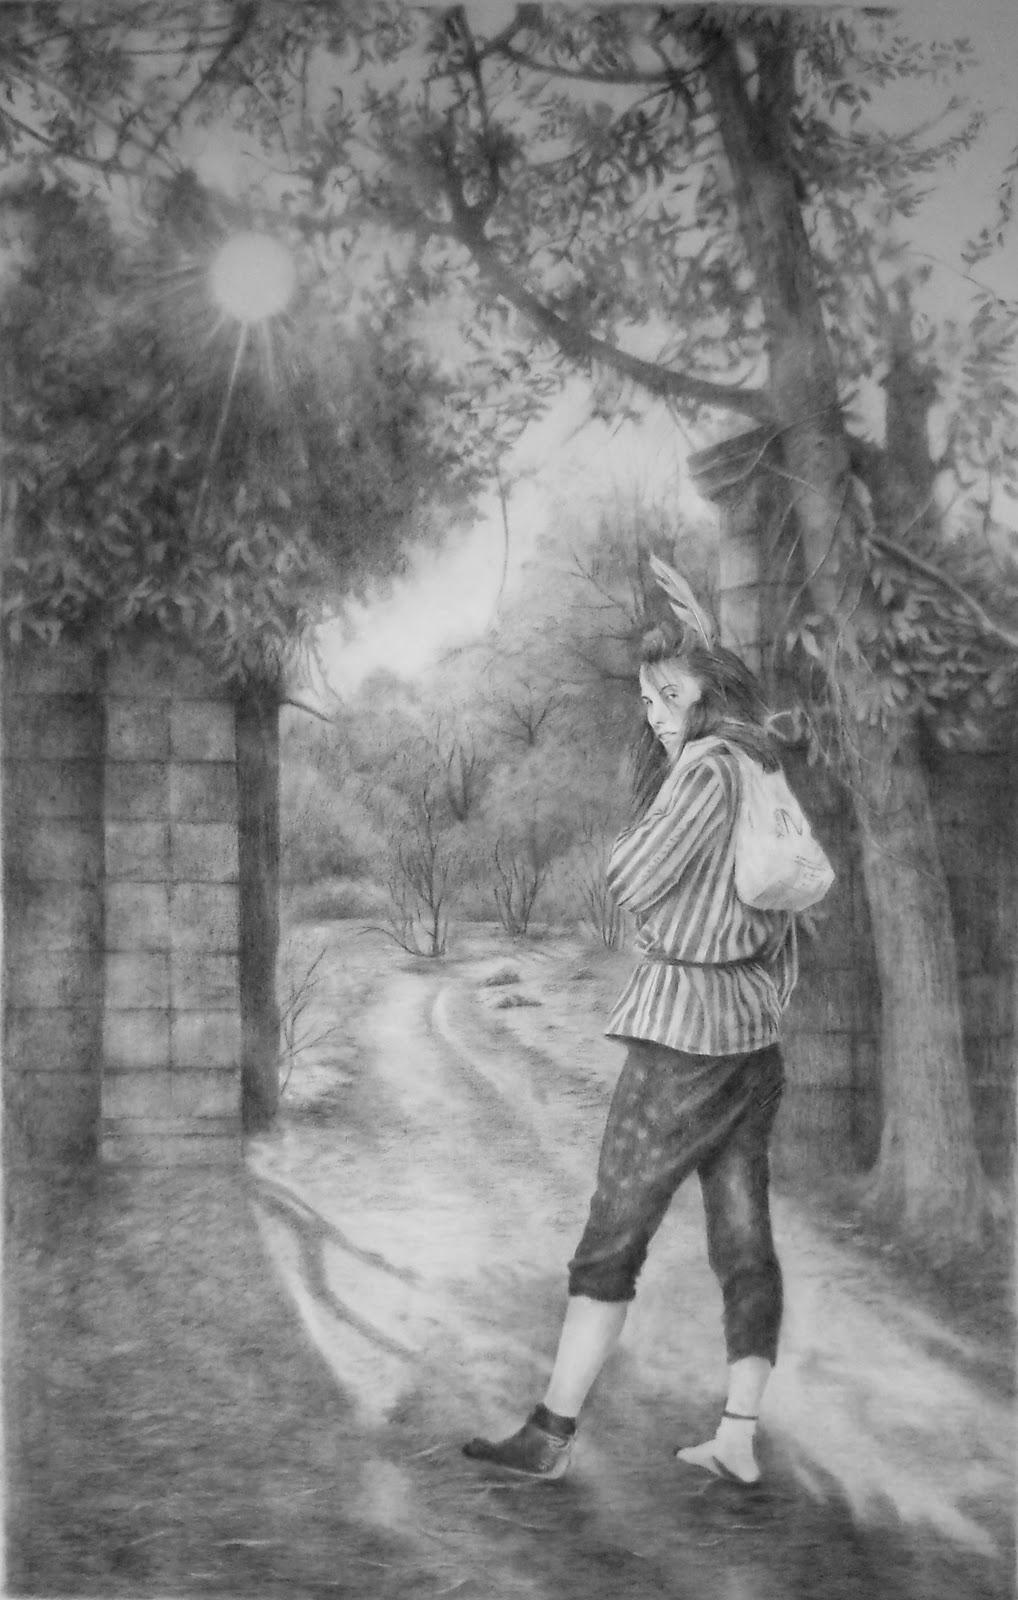 Fiona Michie - Aberdeenshire, Scotland artist